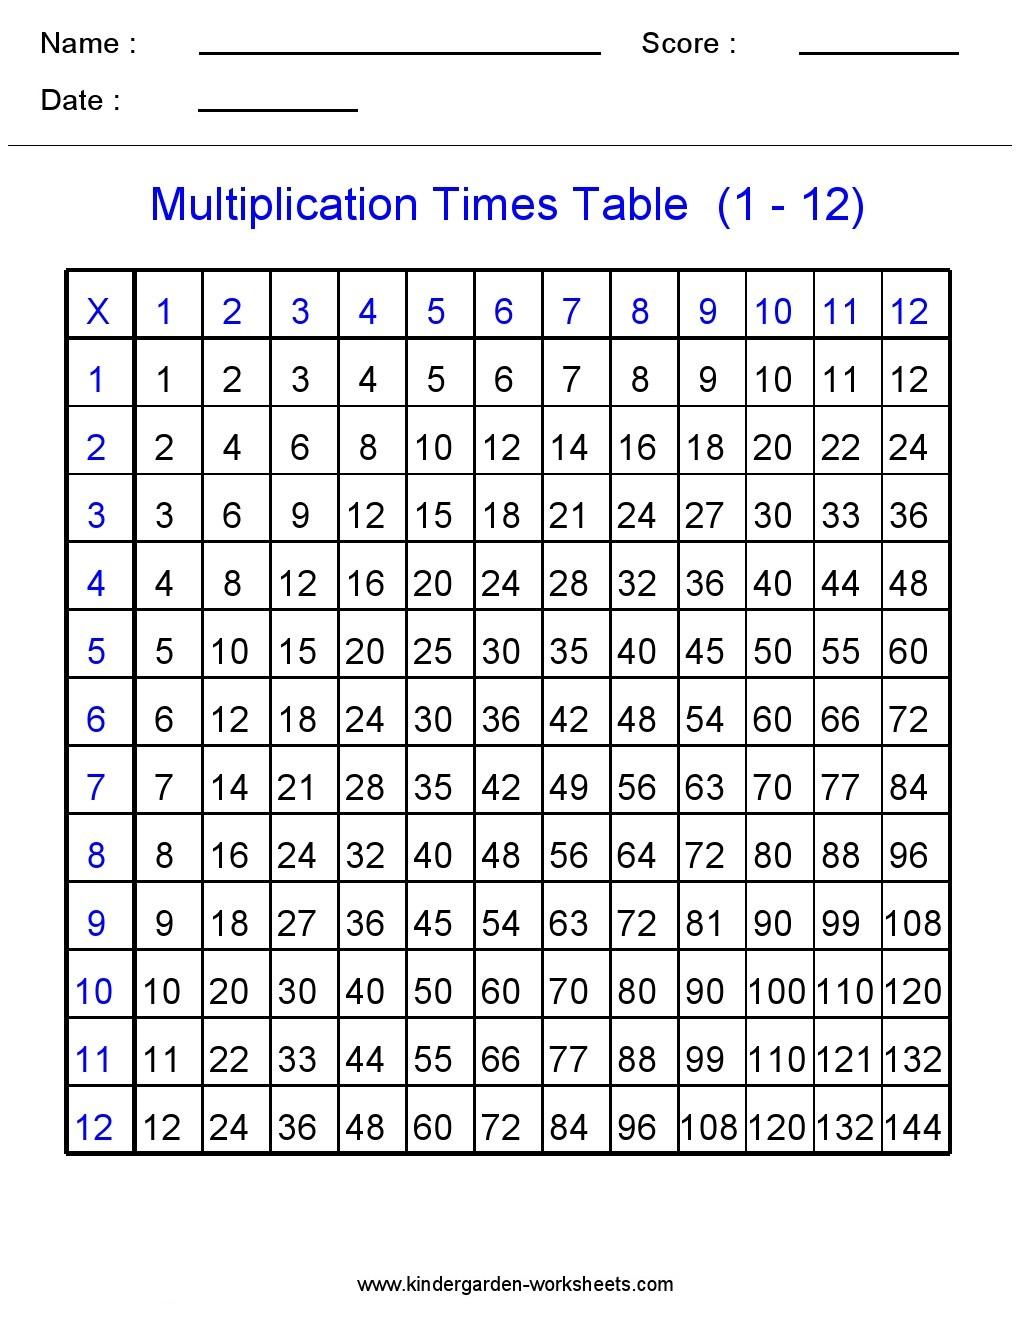 Kindergarten Worksheets: Maths Worksheets - Multiplication ...